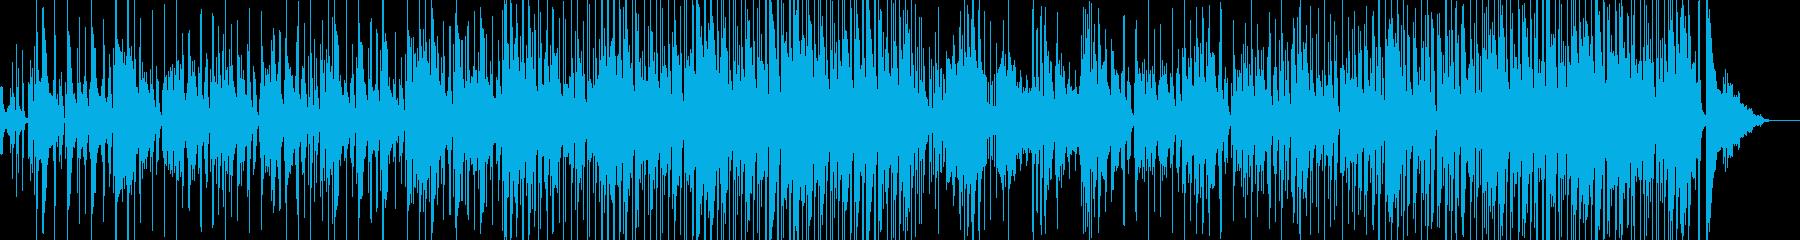 ヘンテコで気が抜けたようなBGMの再生済みの波形